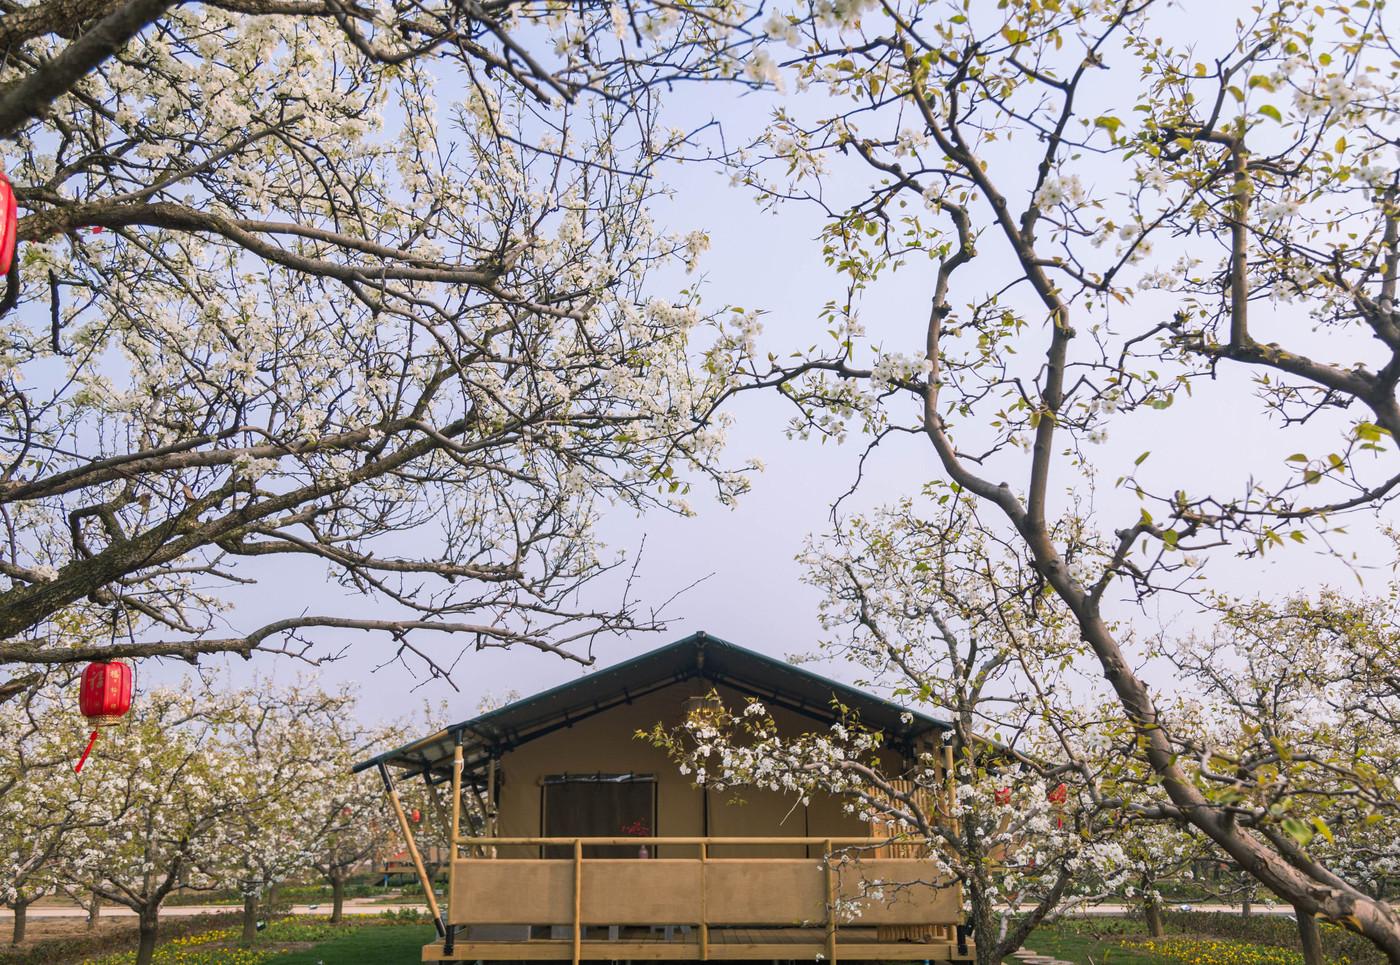 喜马拉雅野奢帐篷酒店—安徽砀山东篱蓬芦(梨园62平)1